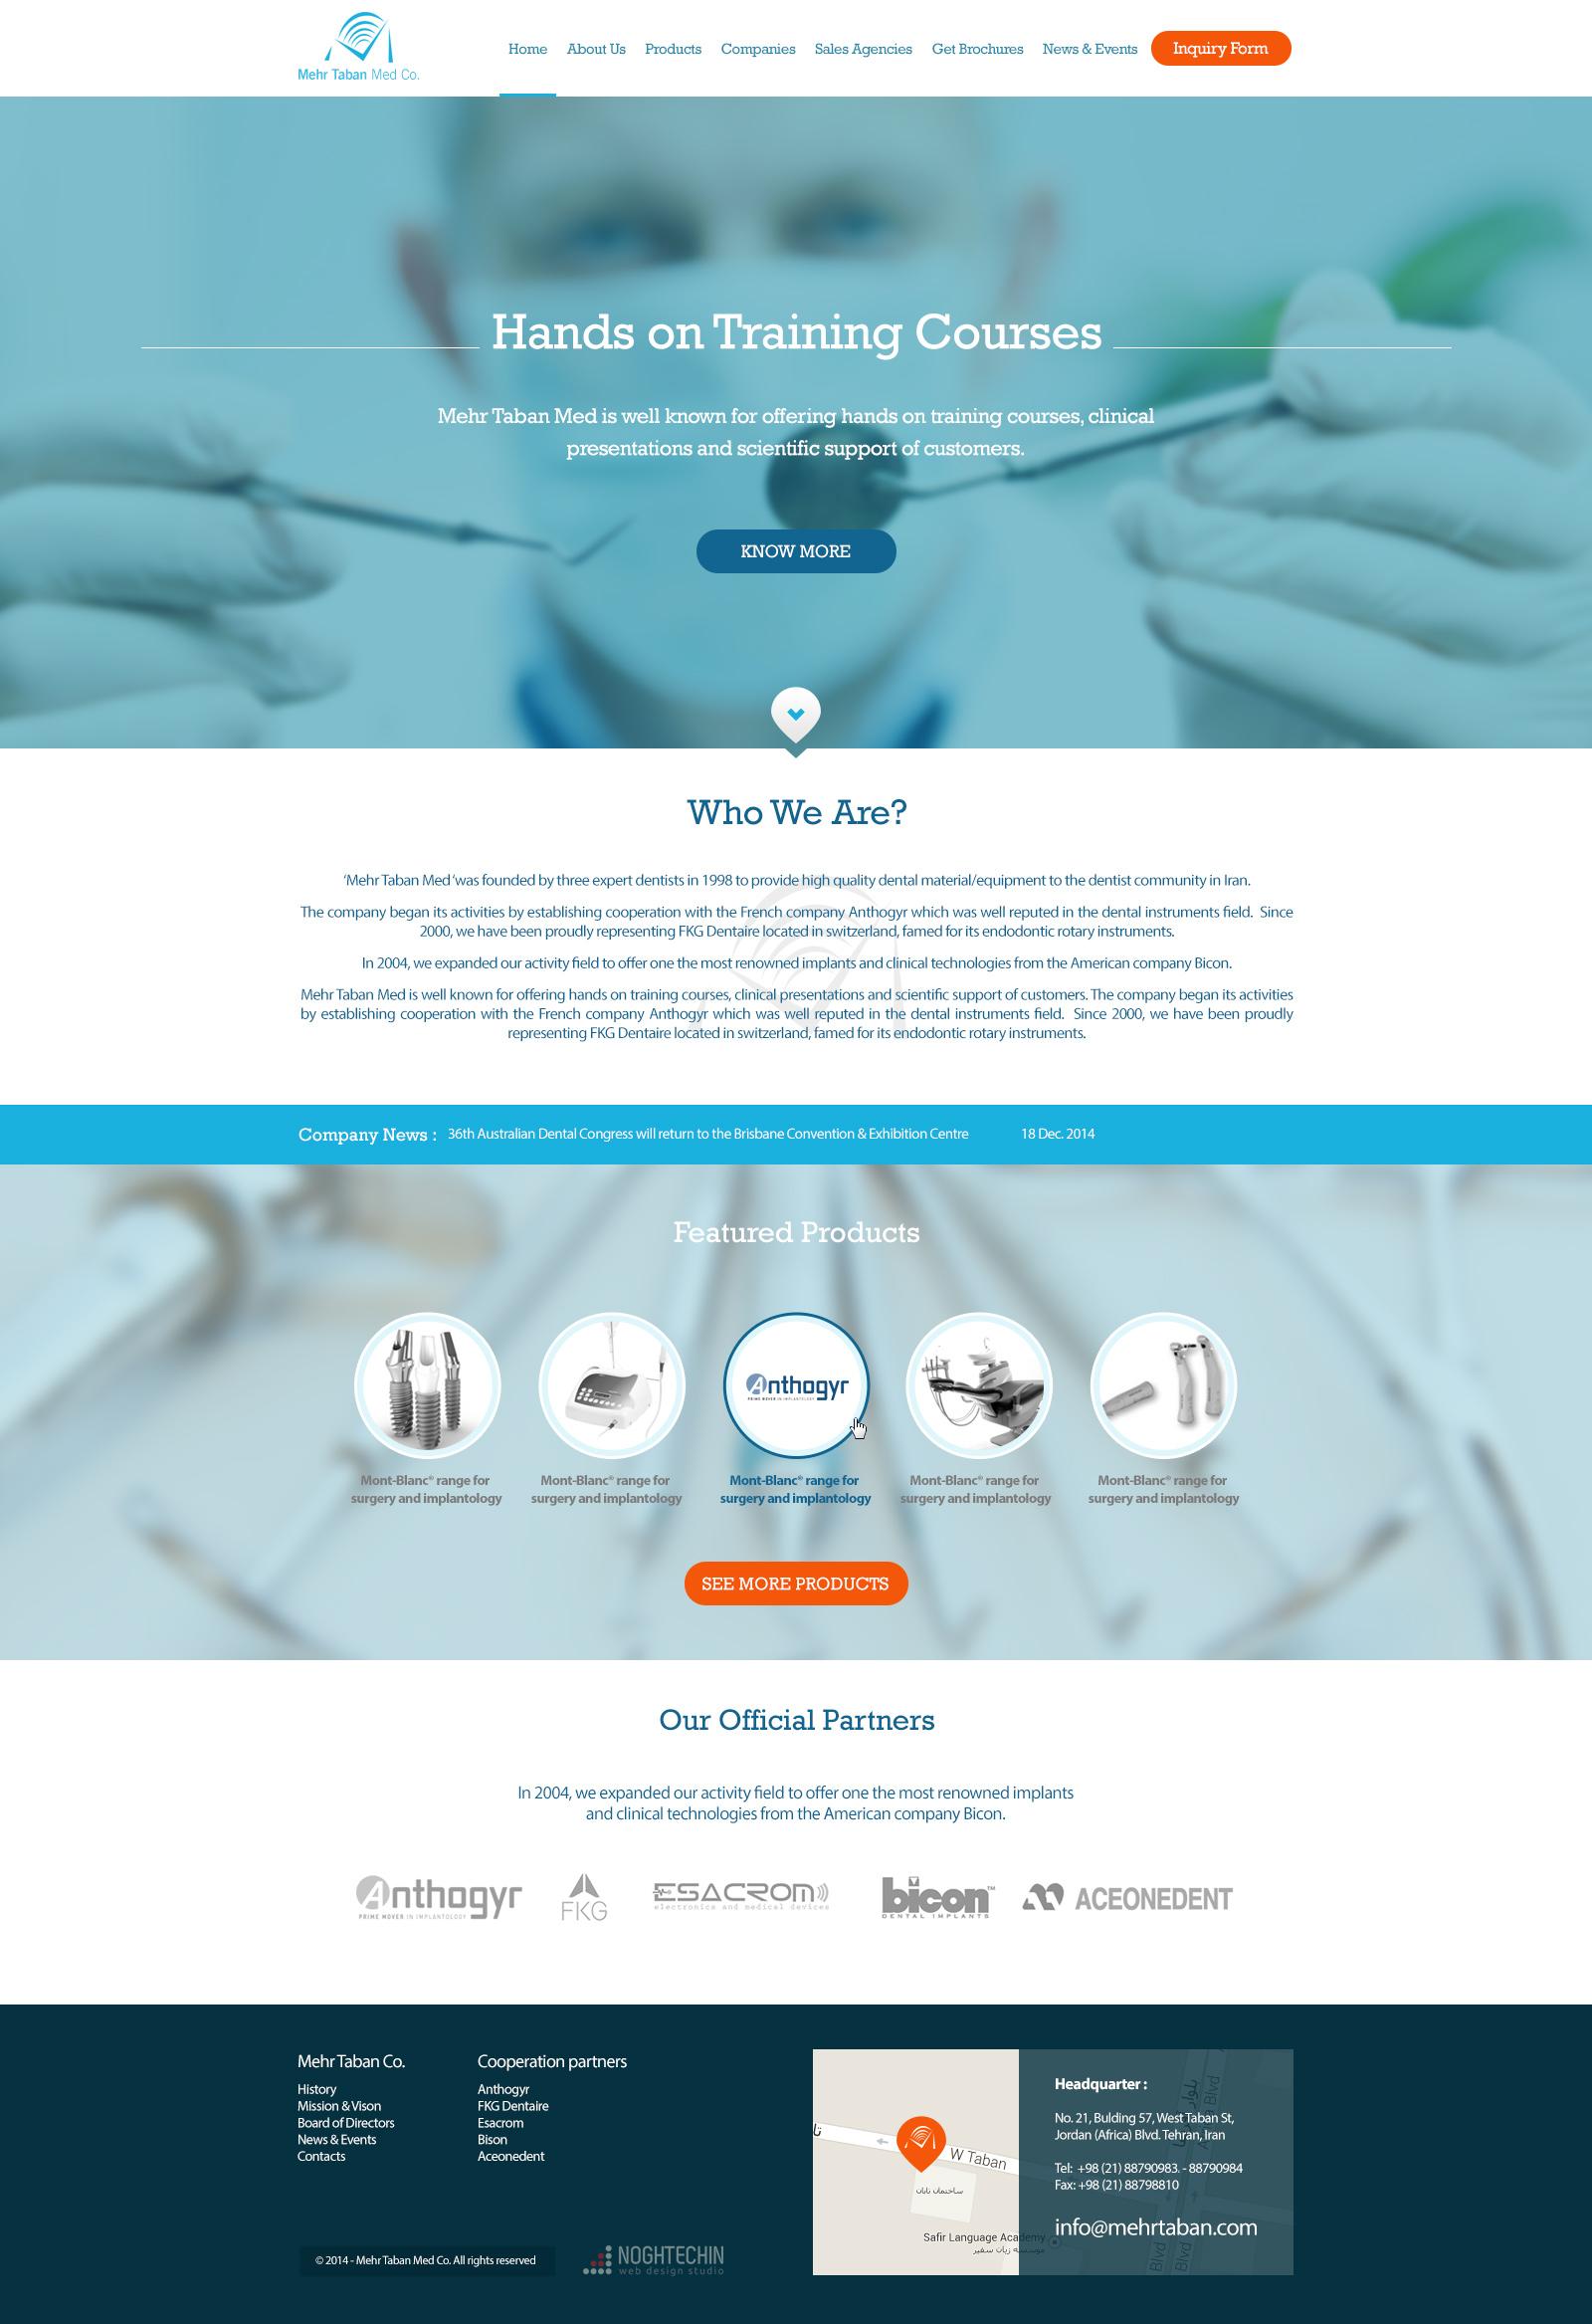 شرکت مهرتابان طب